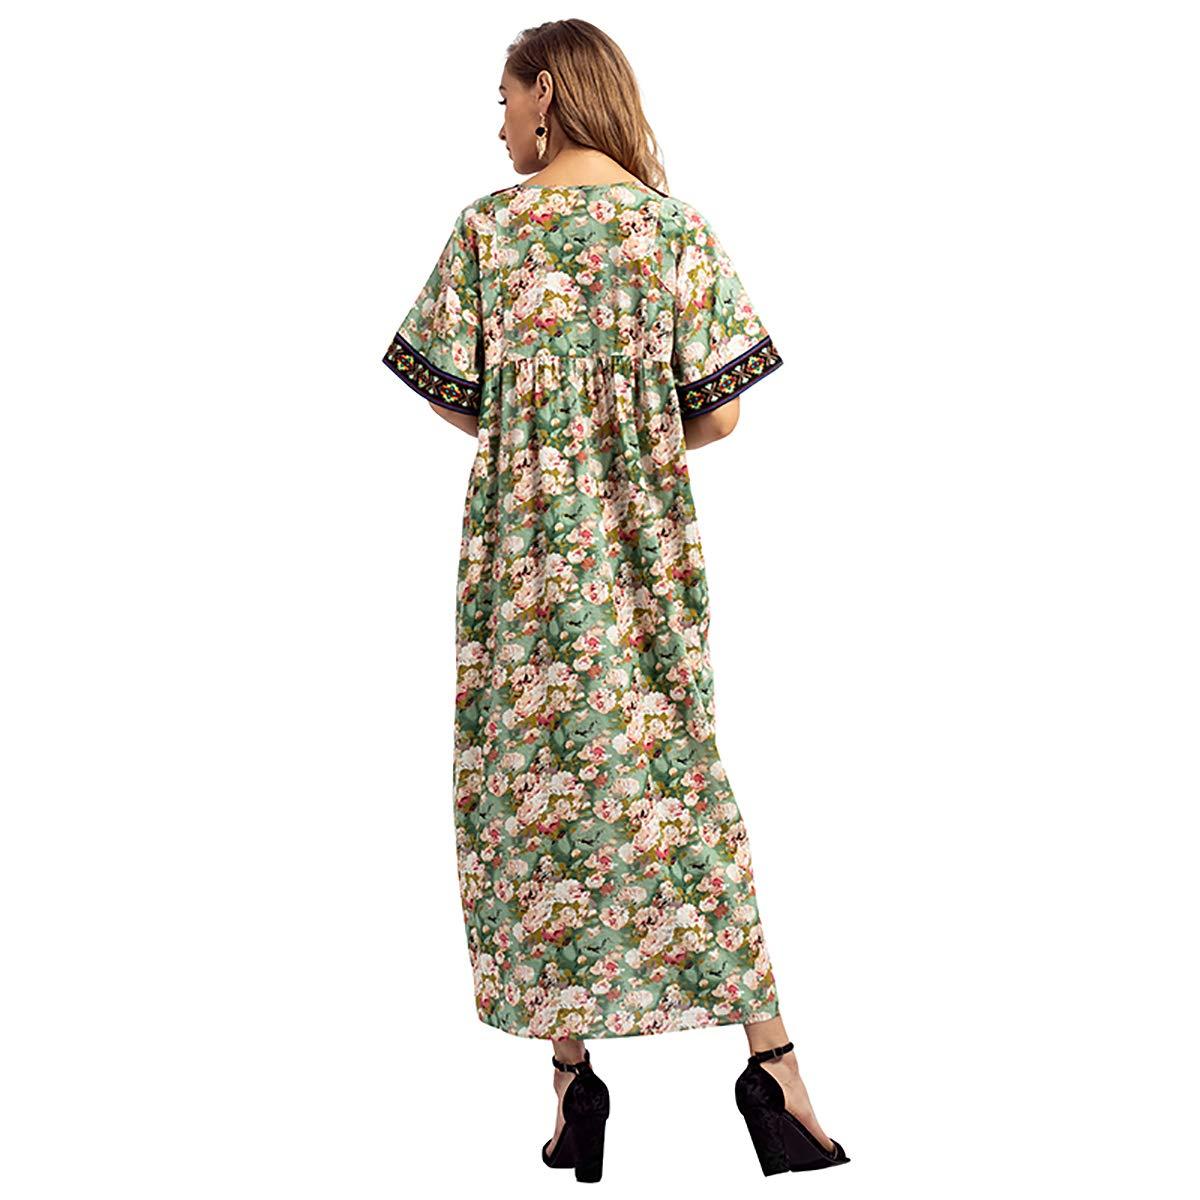 LQUYY Las Mujeres De Dubai Con Cuello En V Bordados De Impresión Árabe Vestido De Bata Casual Borla Suelta,01,M: Amazon.es: Ropa y accesorios